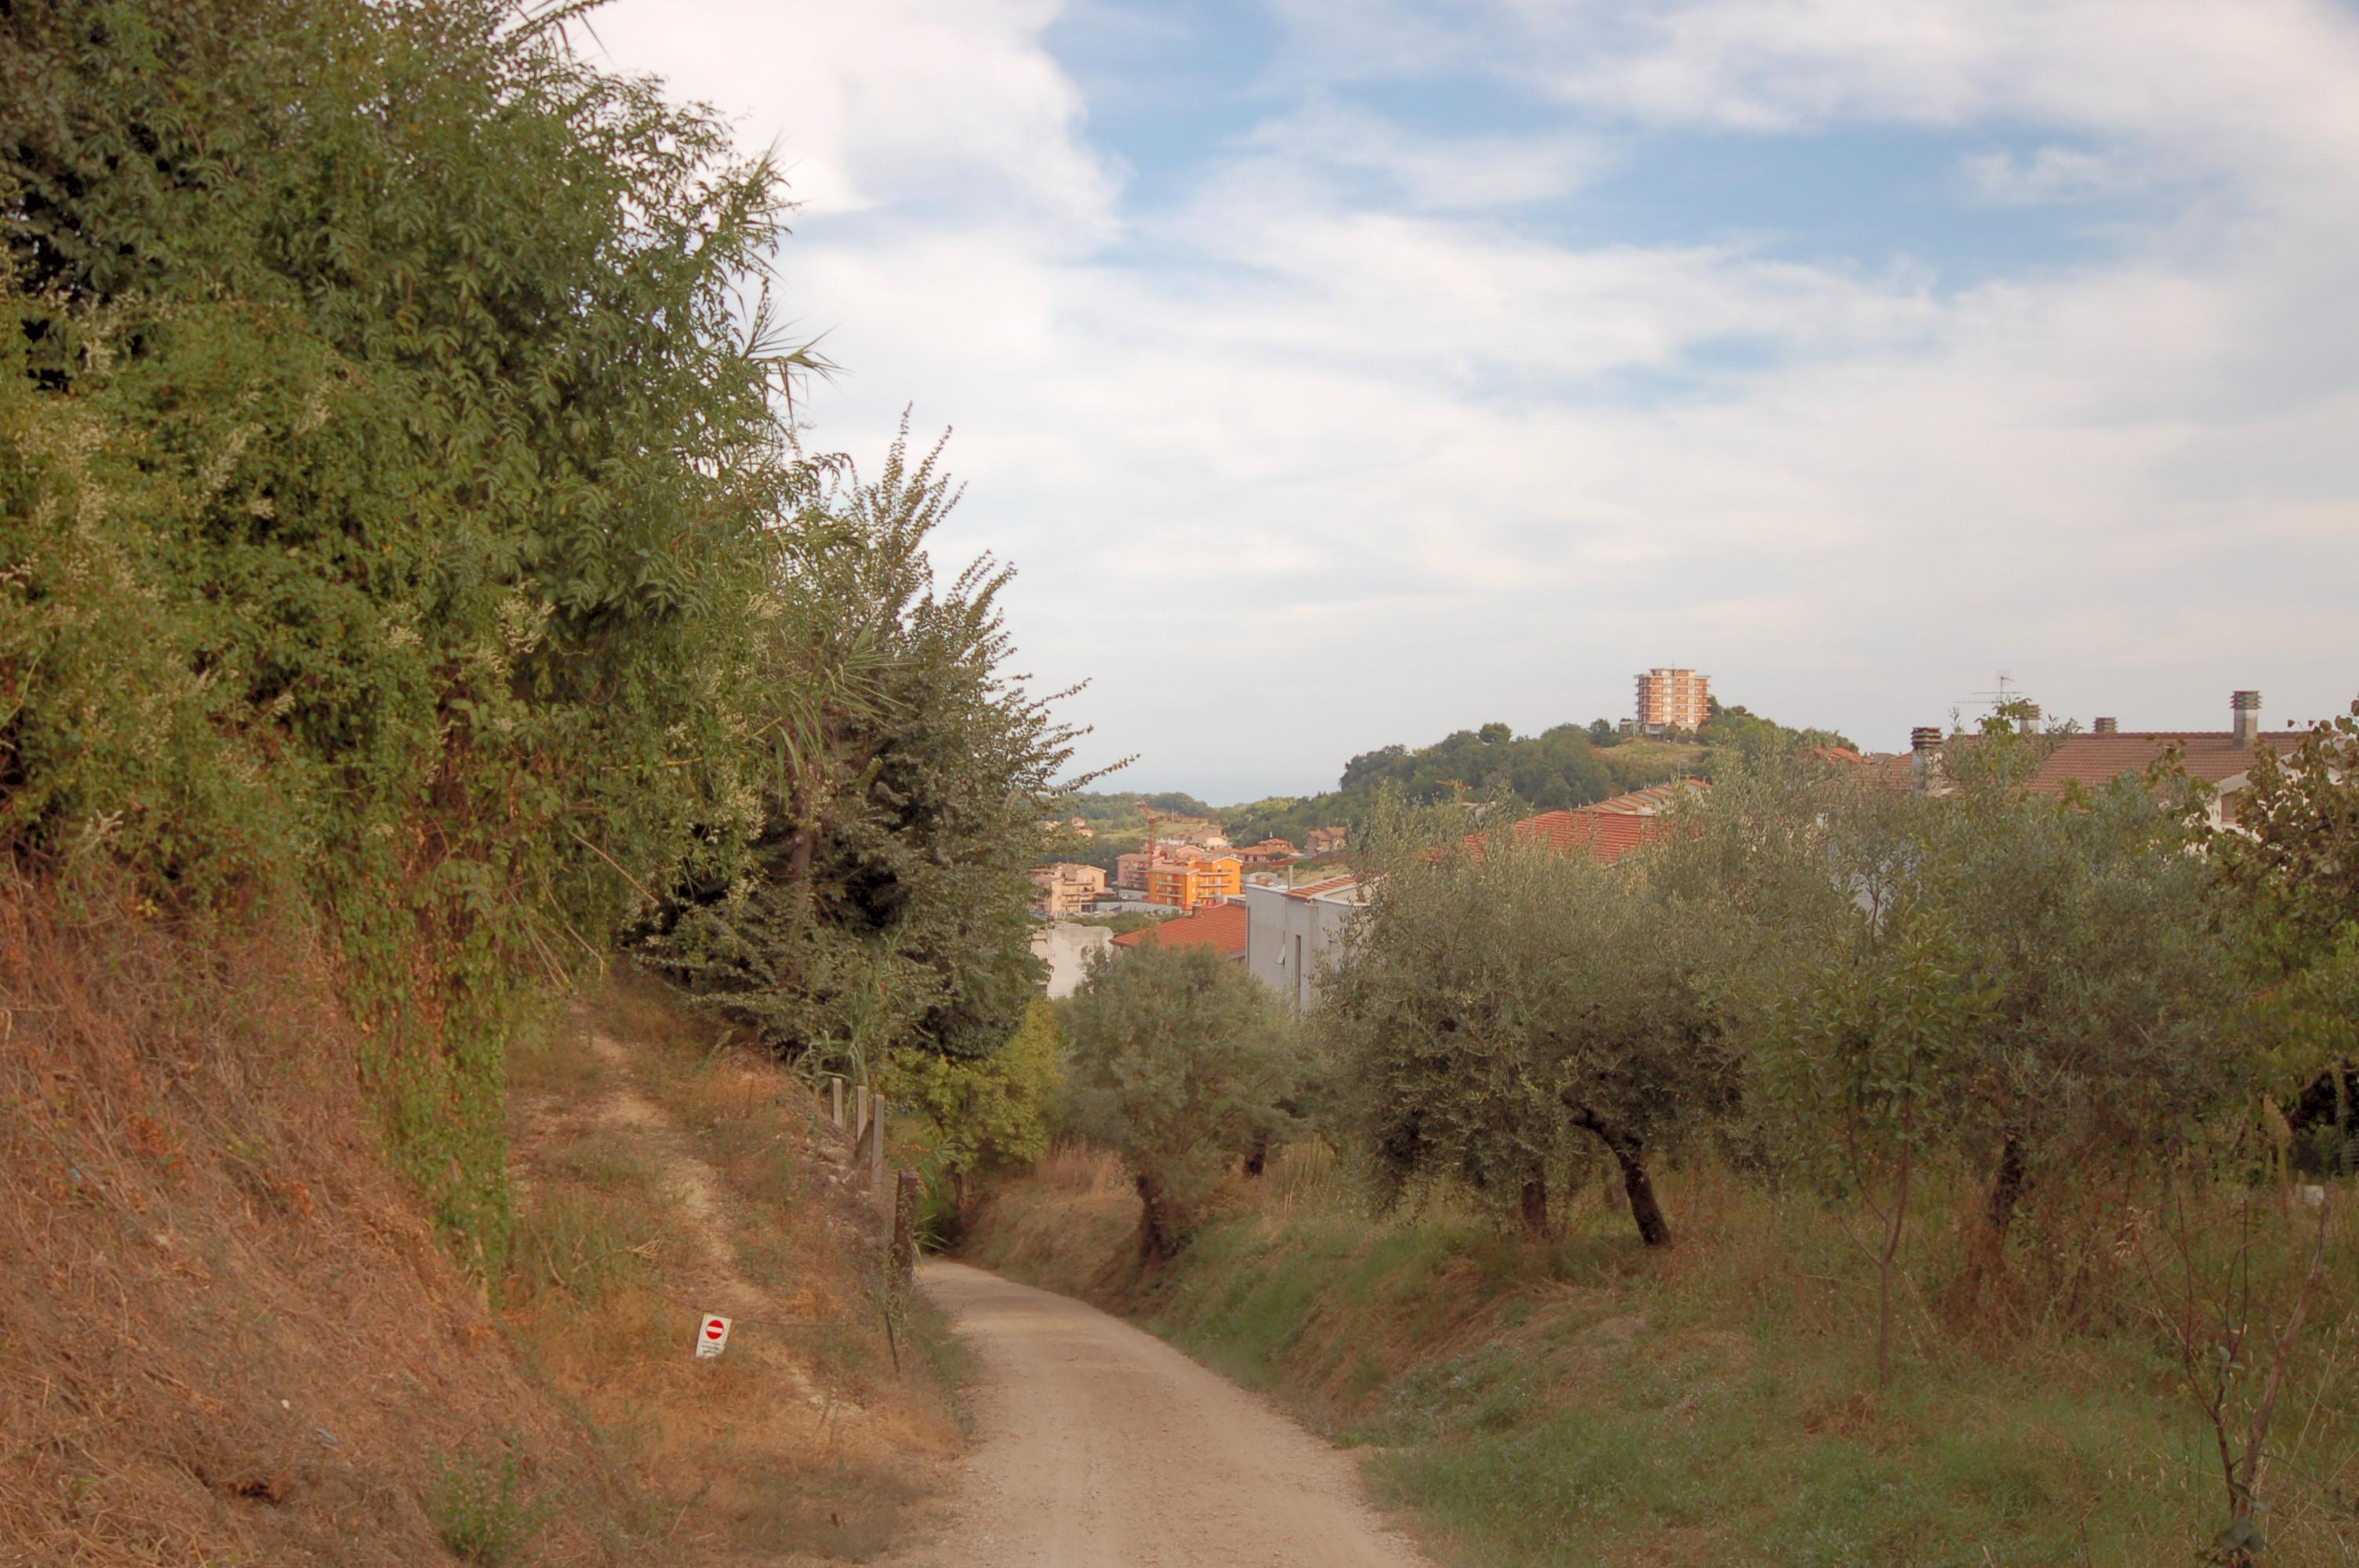 Terreno a Acquaviva Picena - collinare (esposizione verso il mare) - 01